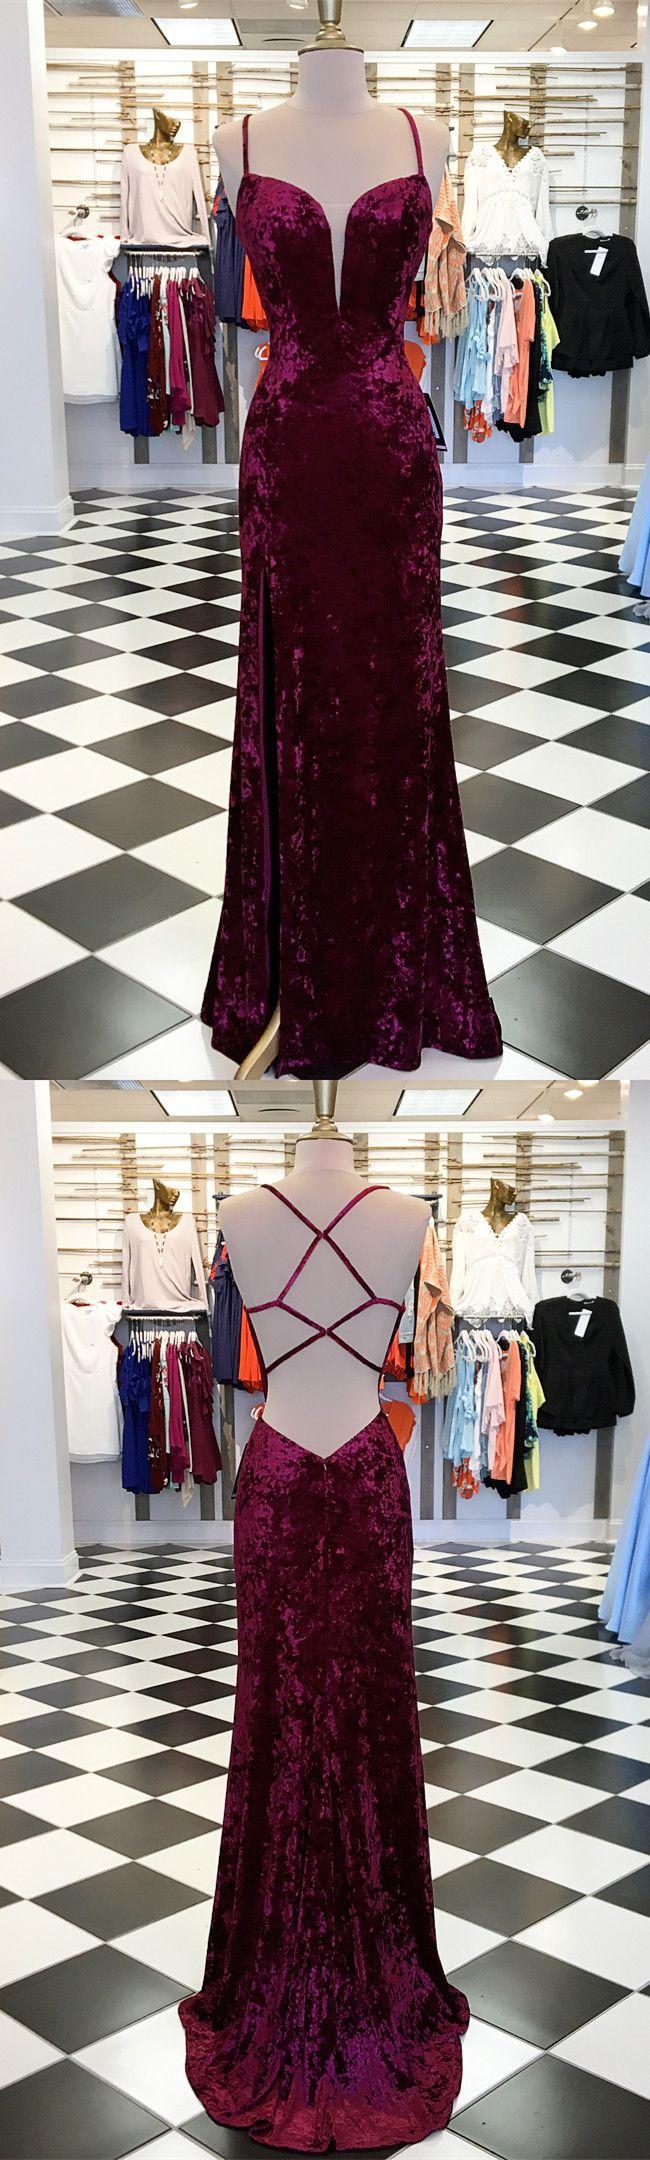 Elegant burgundy velvet mermaid long prom dress with slit from